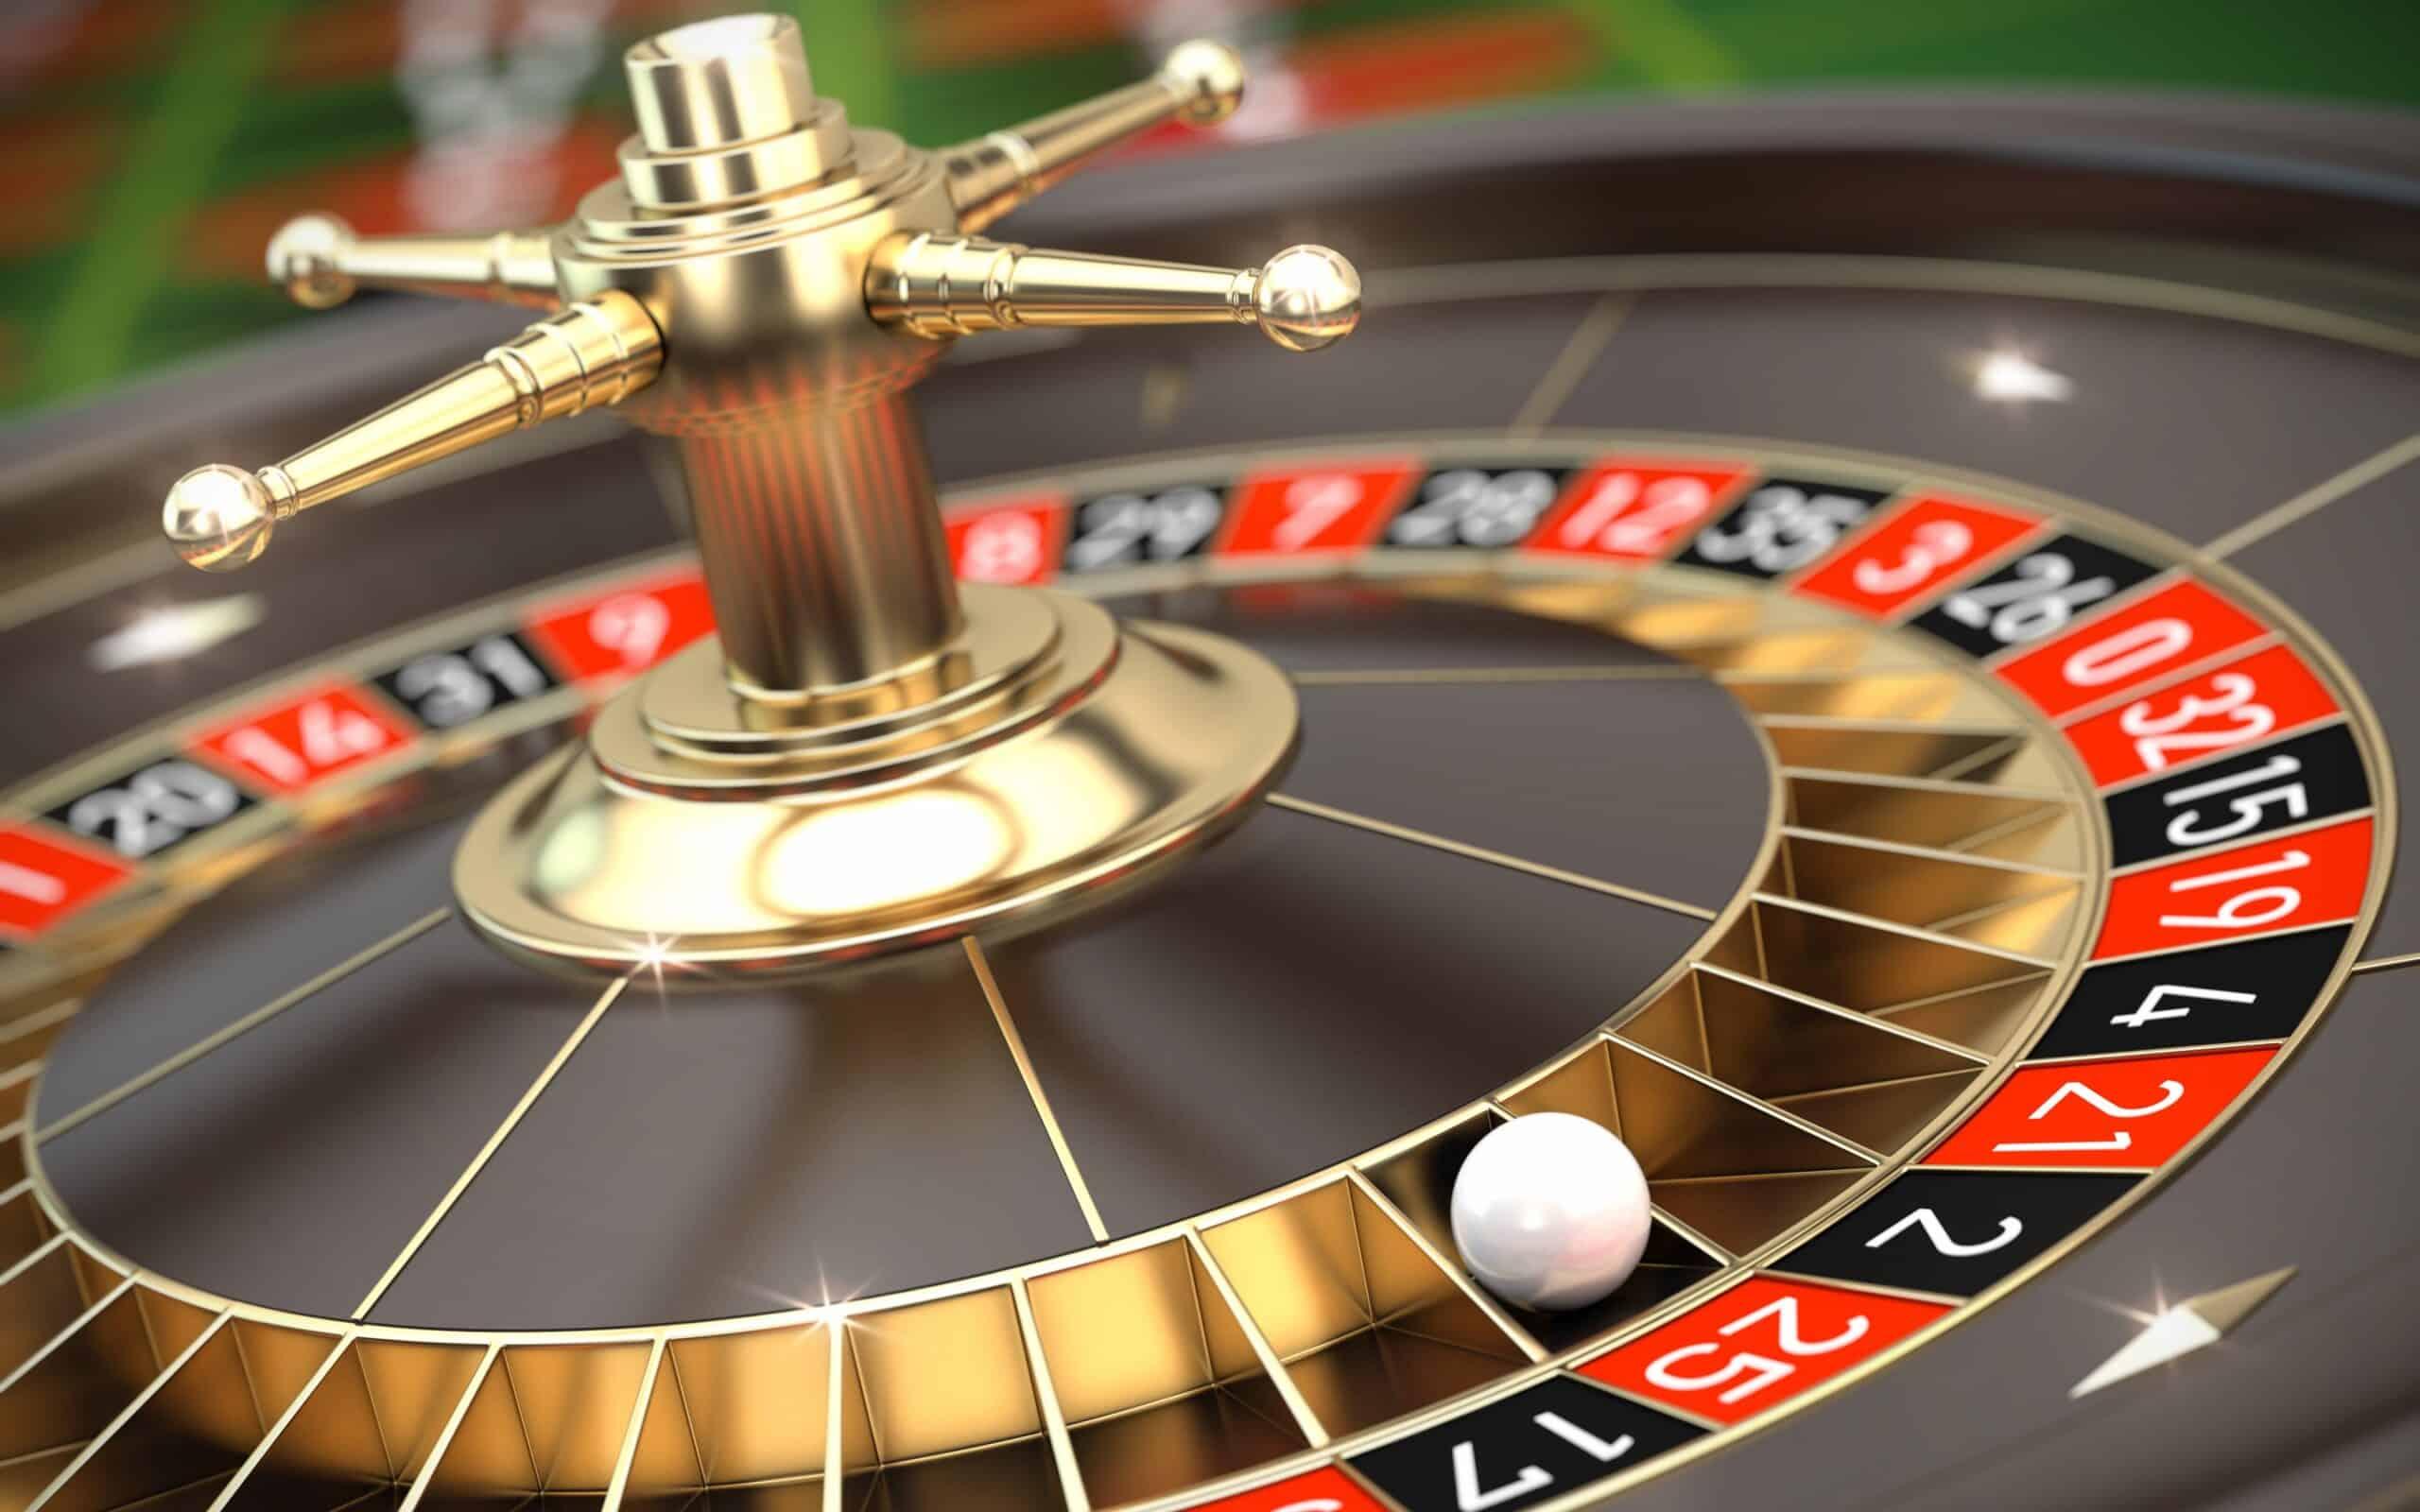 Bí quyết chơi cò quay Roulette kiếm tiền nhanh